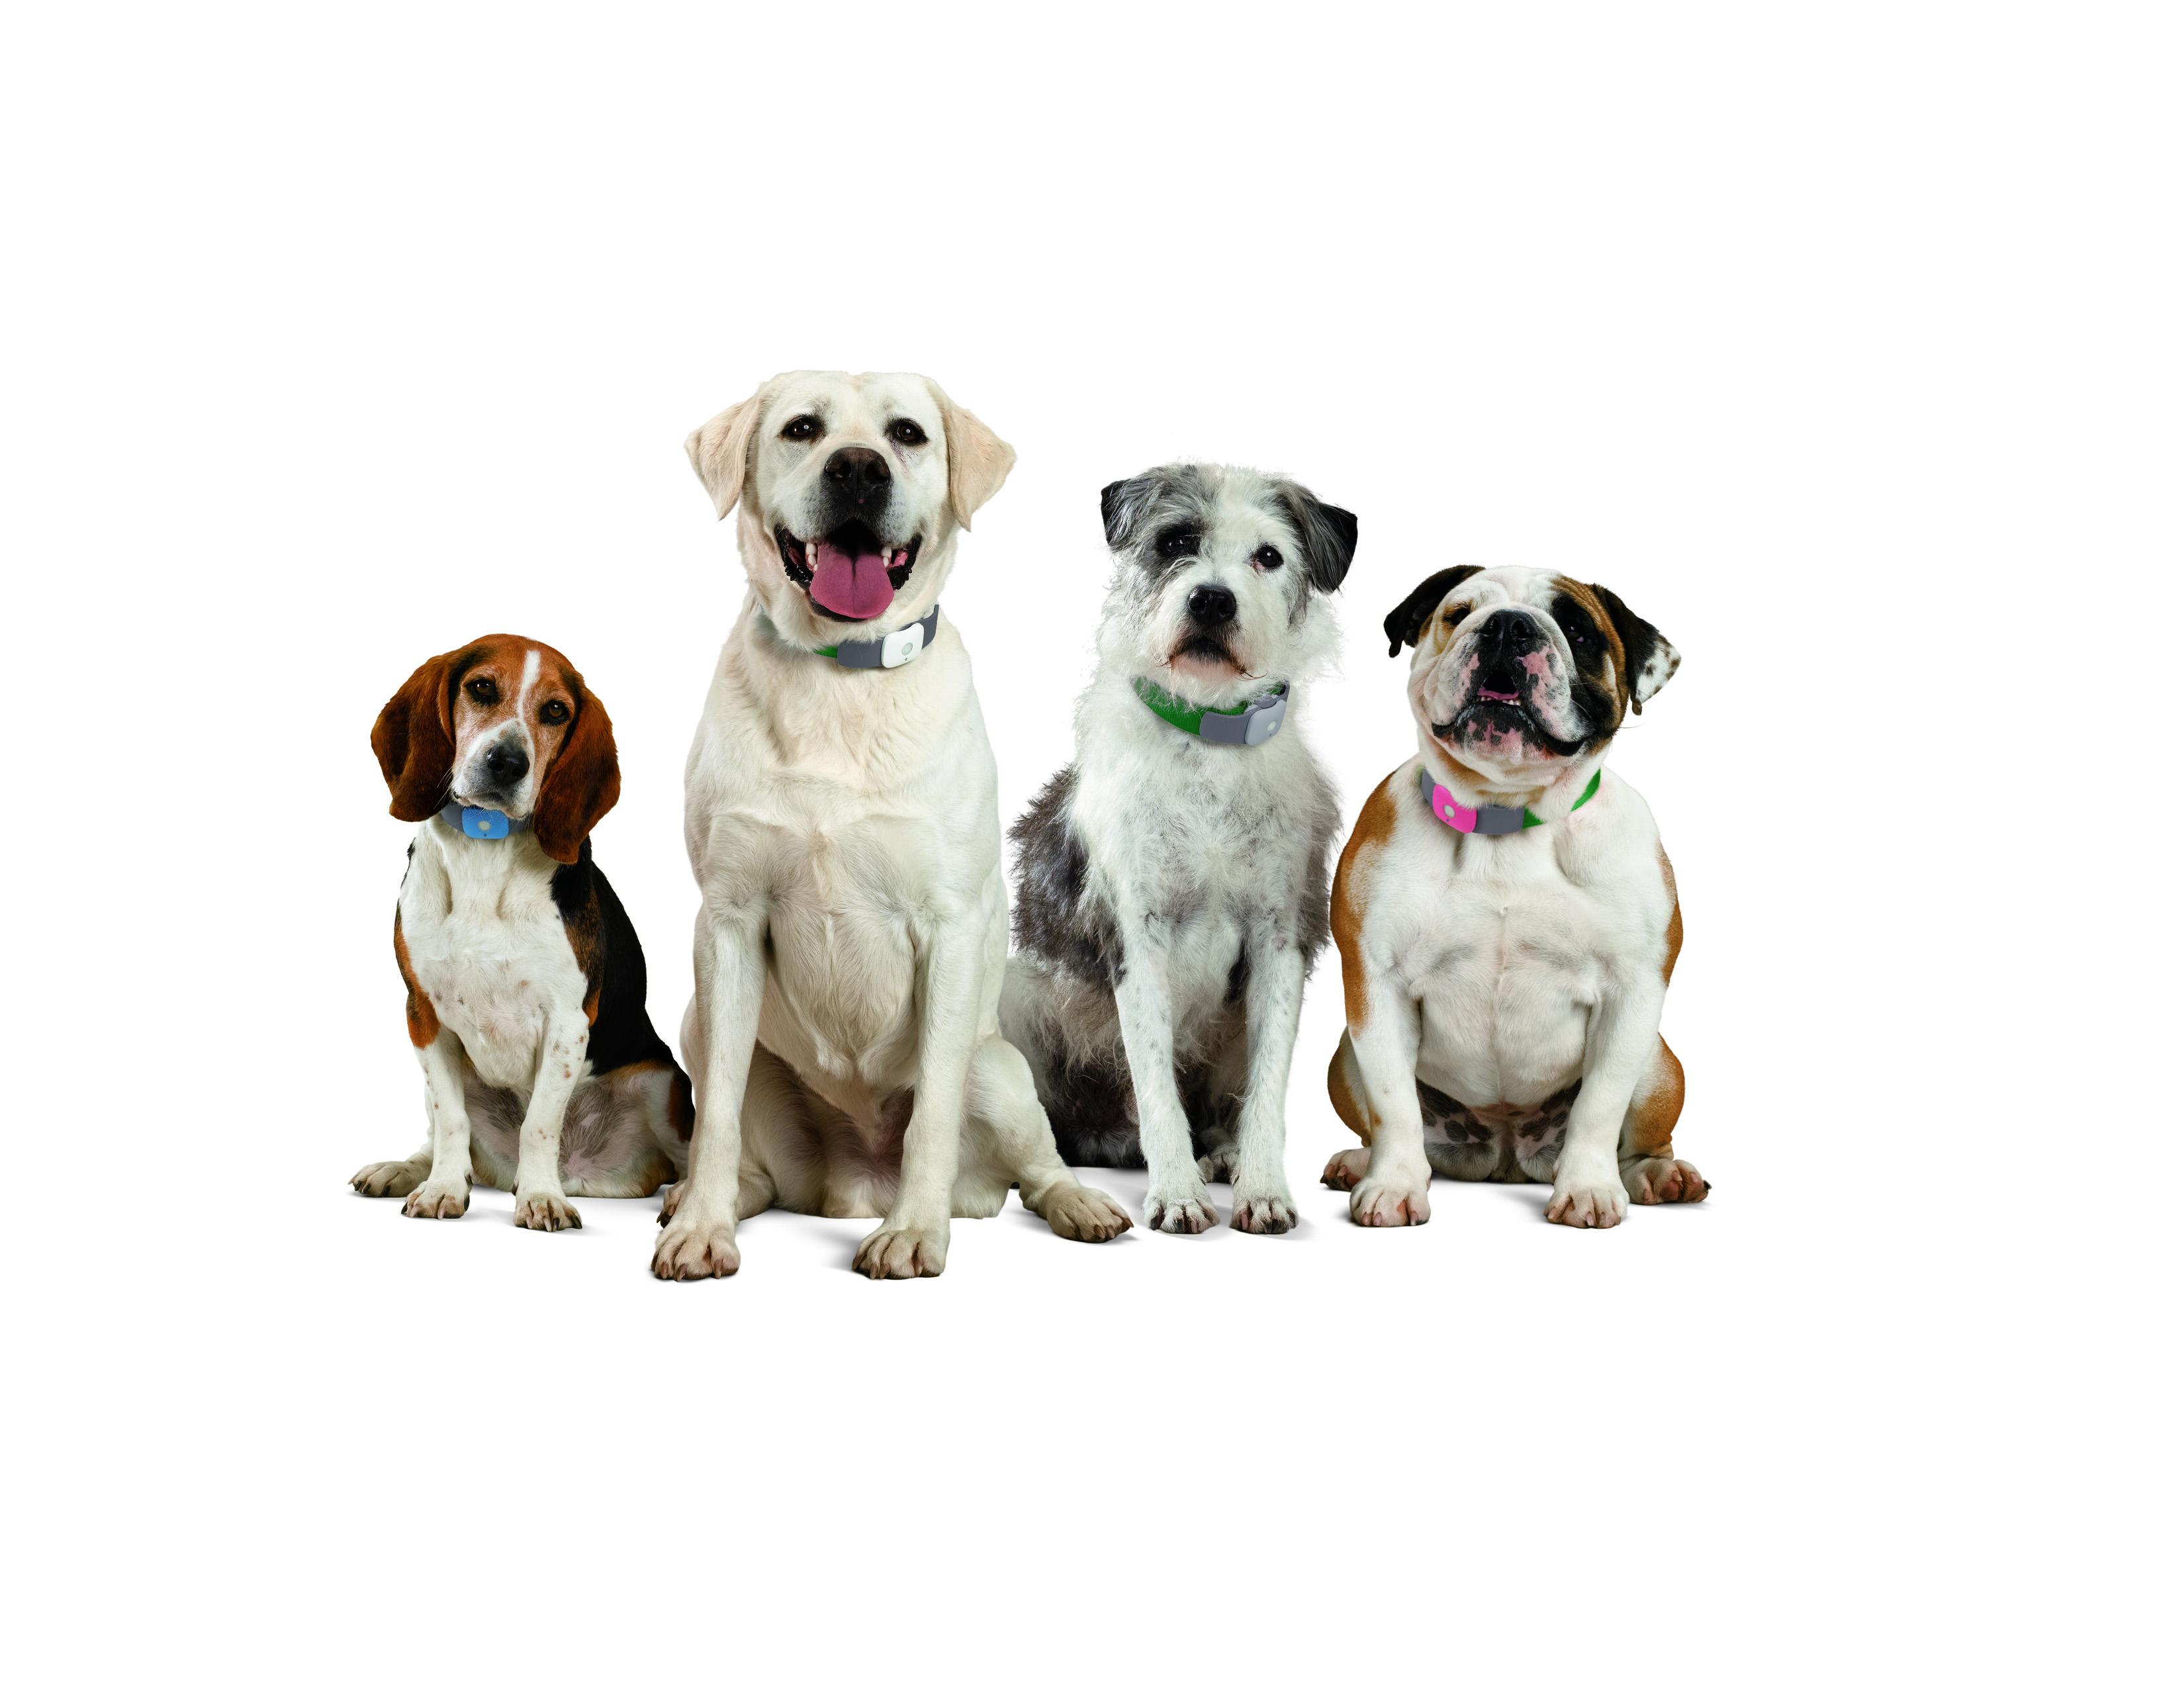 Sledovací obojek pro toulavé kočky a psy (Amazon)